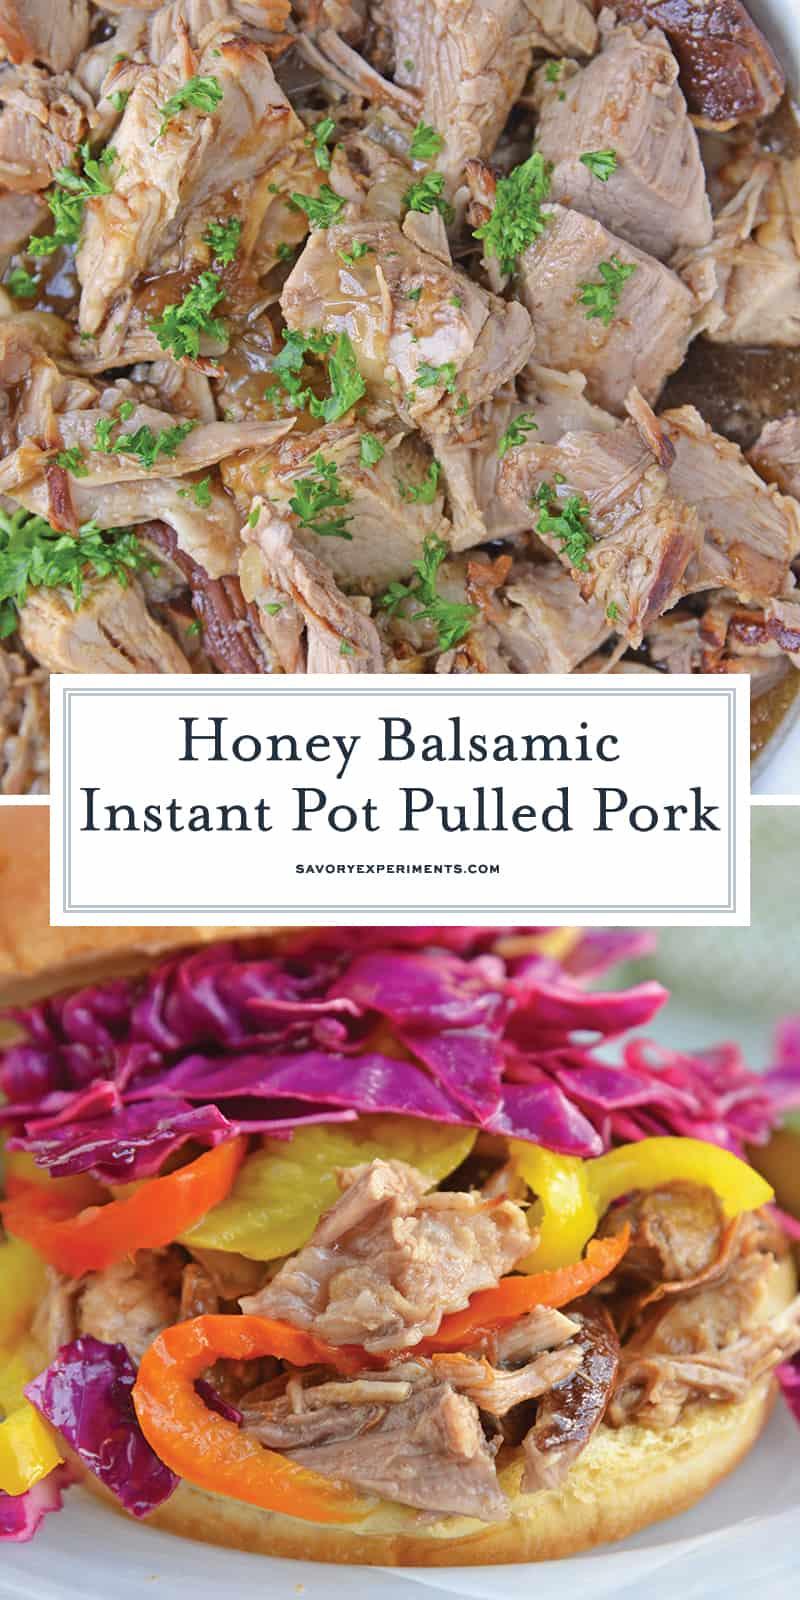 Honey Balsamic Pulled Pork for Pinterest